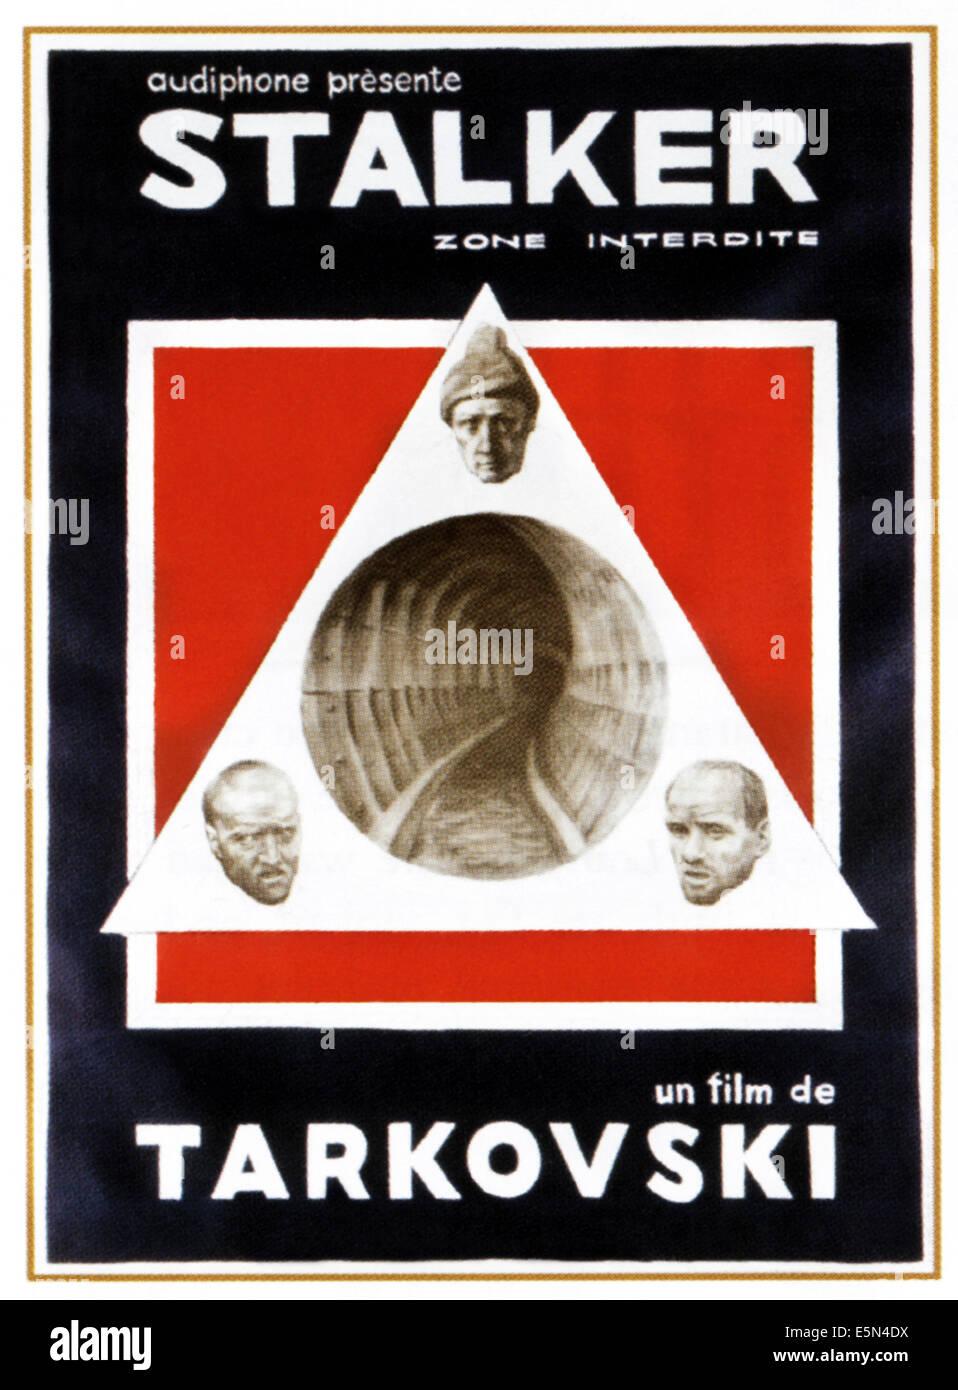 STALKER, der 1980er Jahre russische Poster, 1979. Stockbild